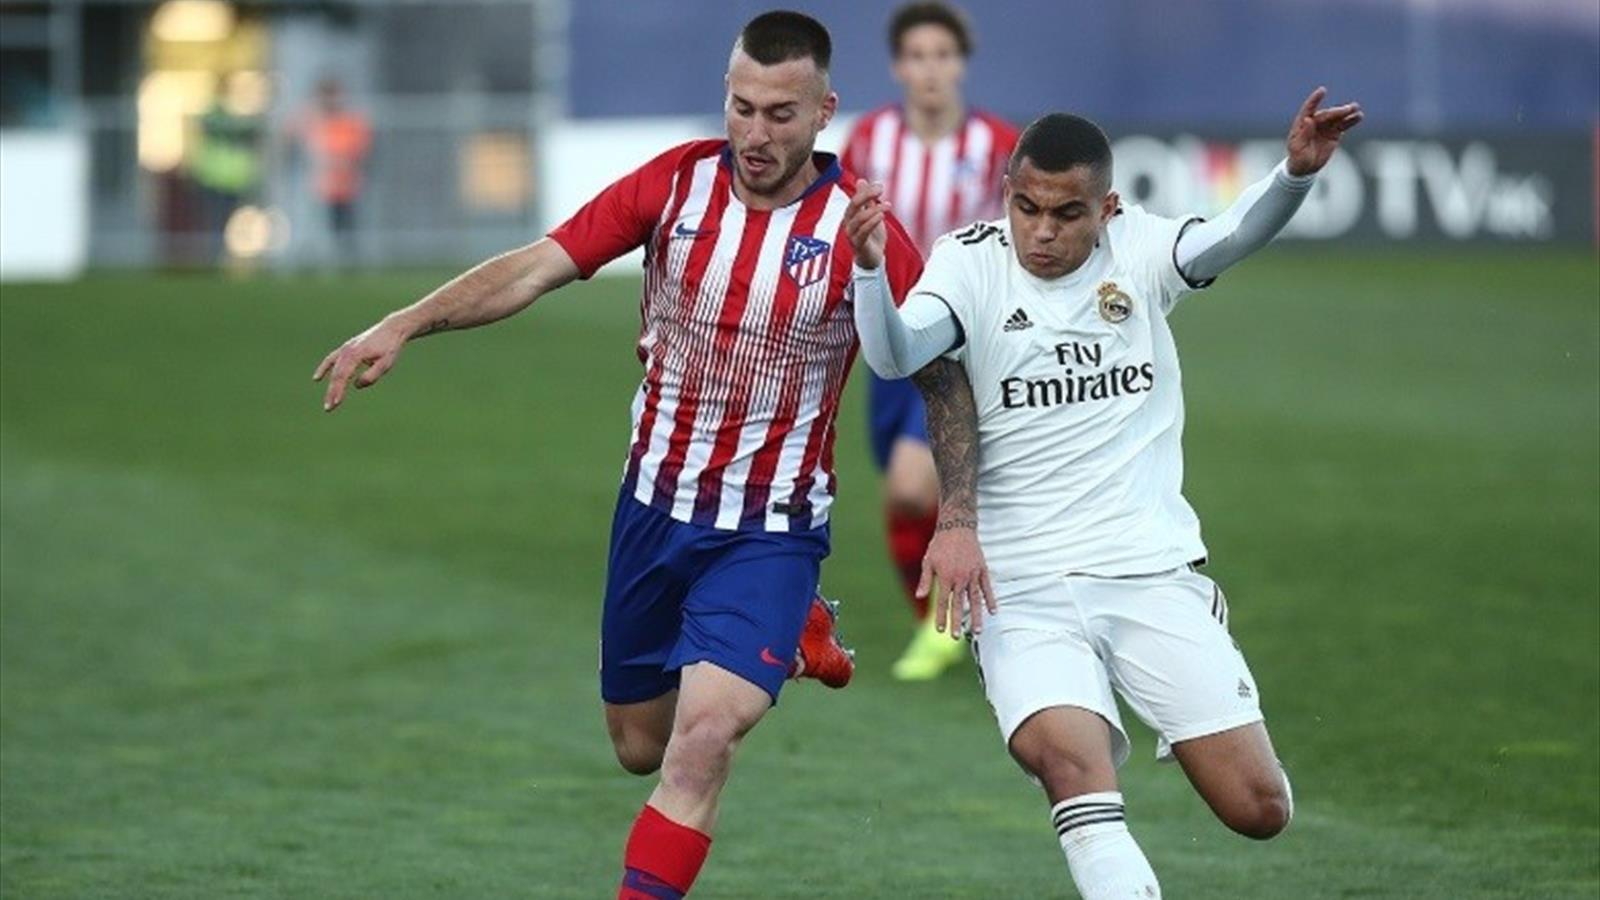 El Madrid se lleva el derbi de la Youth League ante un Atleti que terminó  con nueve (1-2) 70516586ee1ea